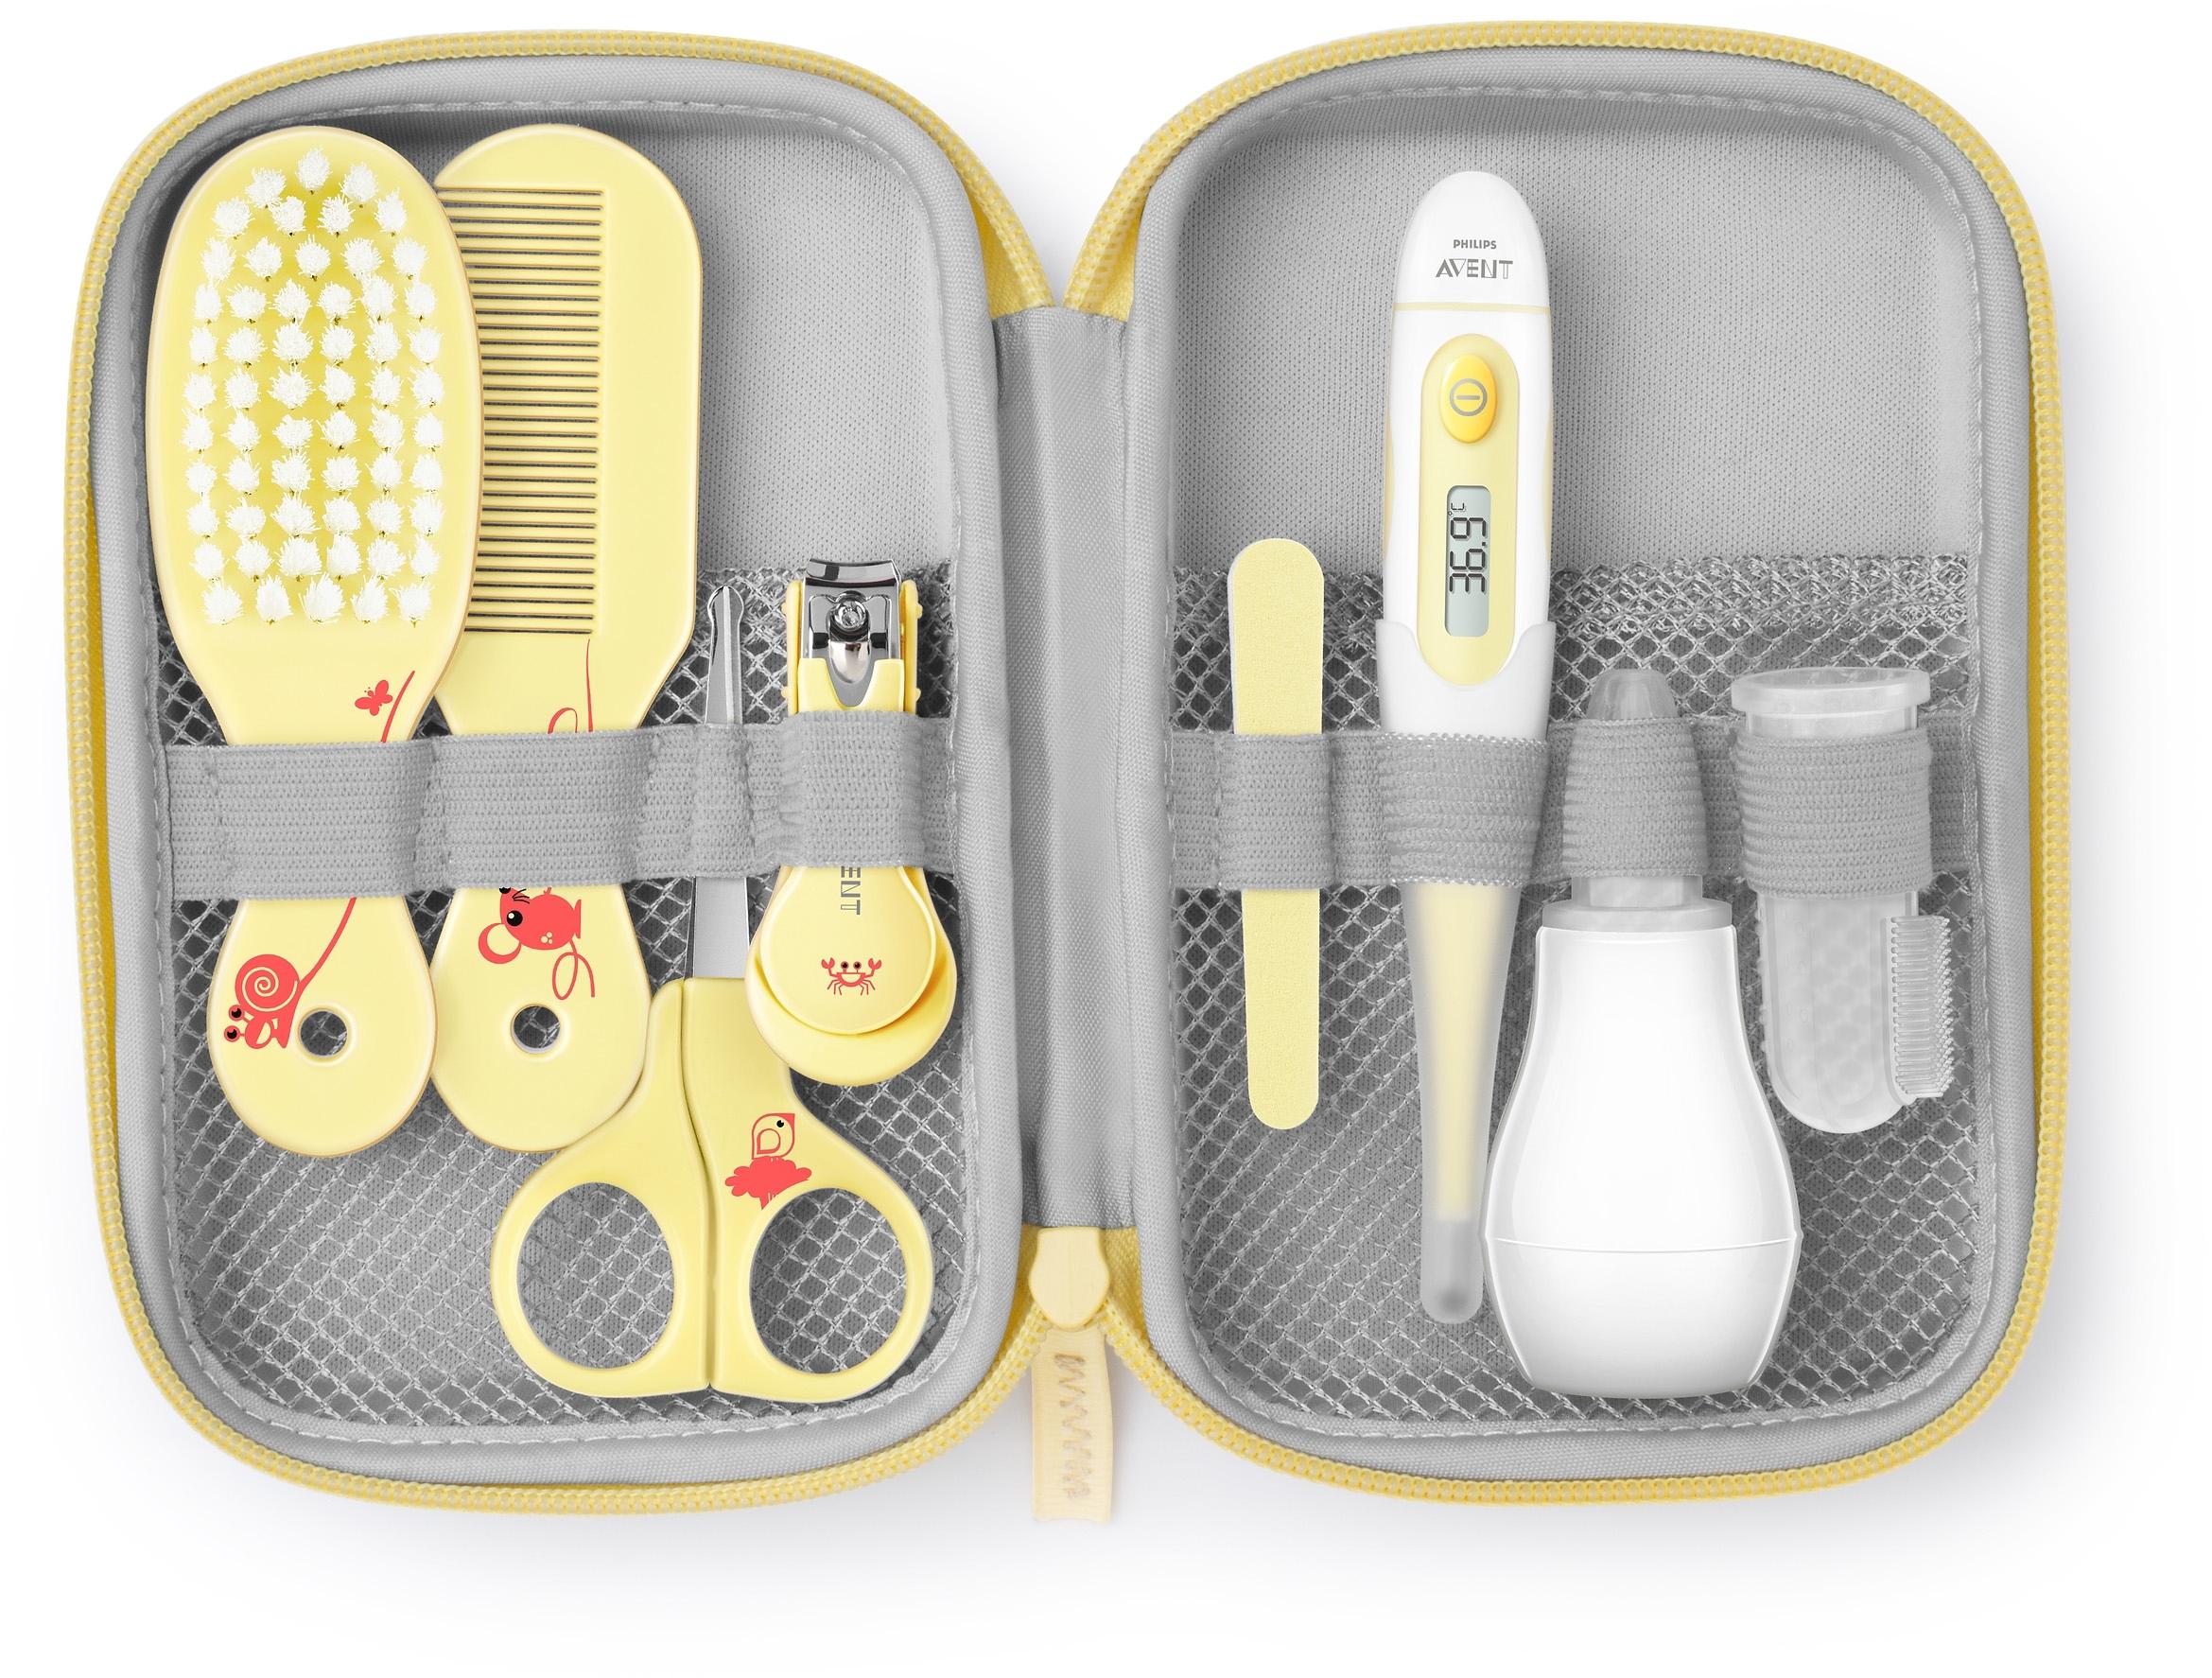 Philips Avent Babyverzorgingsset SCH400/00 goedkoop op otto.nl kopen